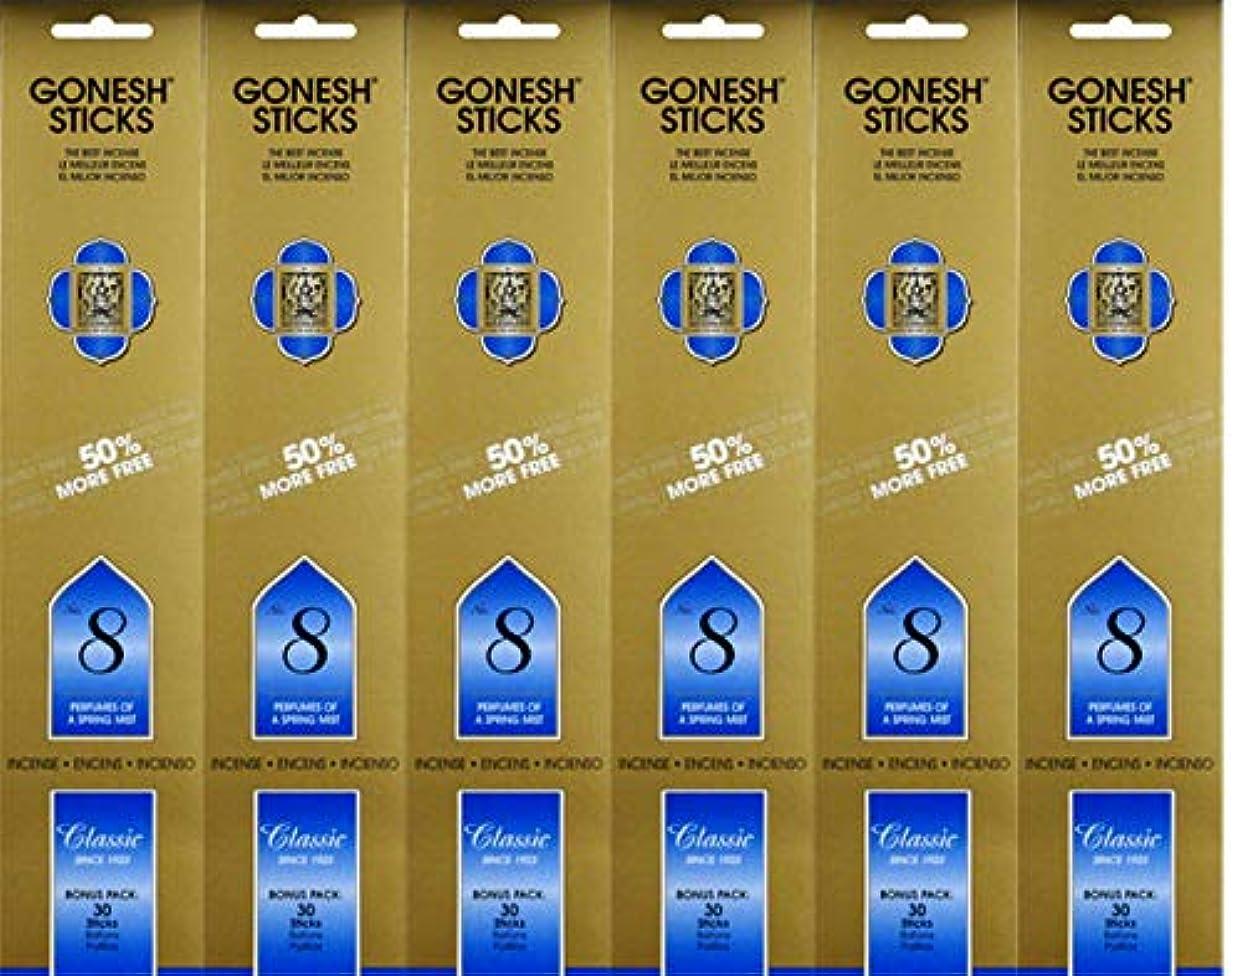 ピアース苦しめるヒステリックGonesh #8 Bonus Pack 30 sticks ガーネッシュ#8 ボーナスパック30本入 6個組 180本